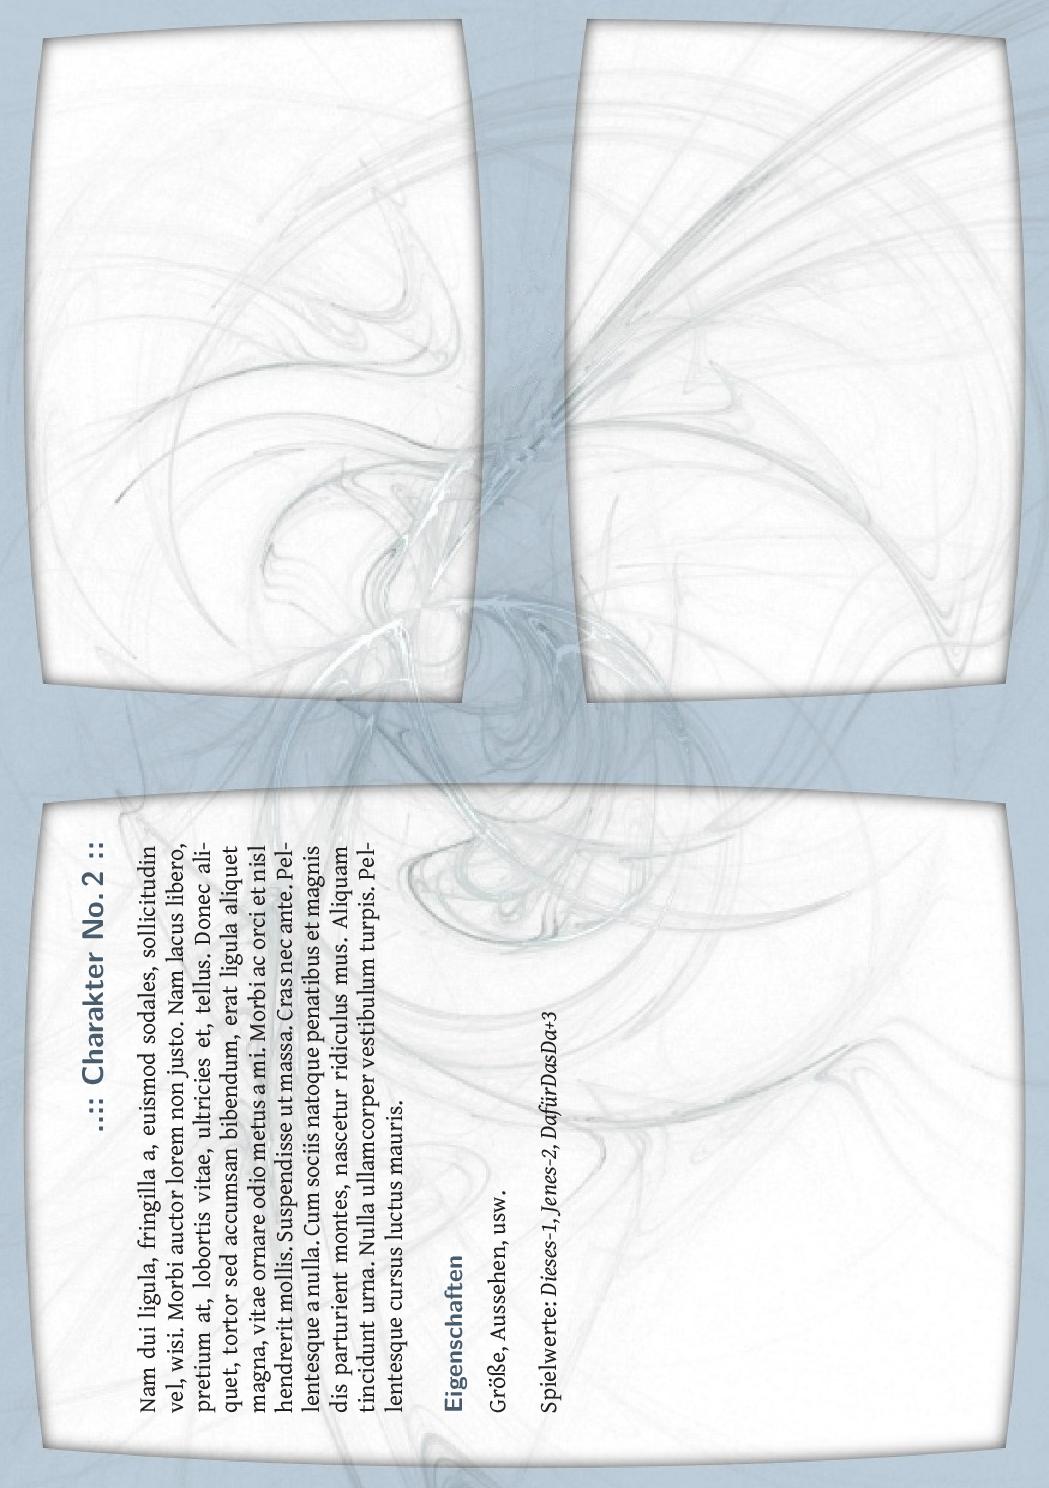 用心设计精美的游戏杂志 LaTeX 模板分享